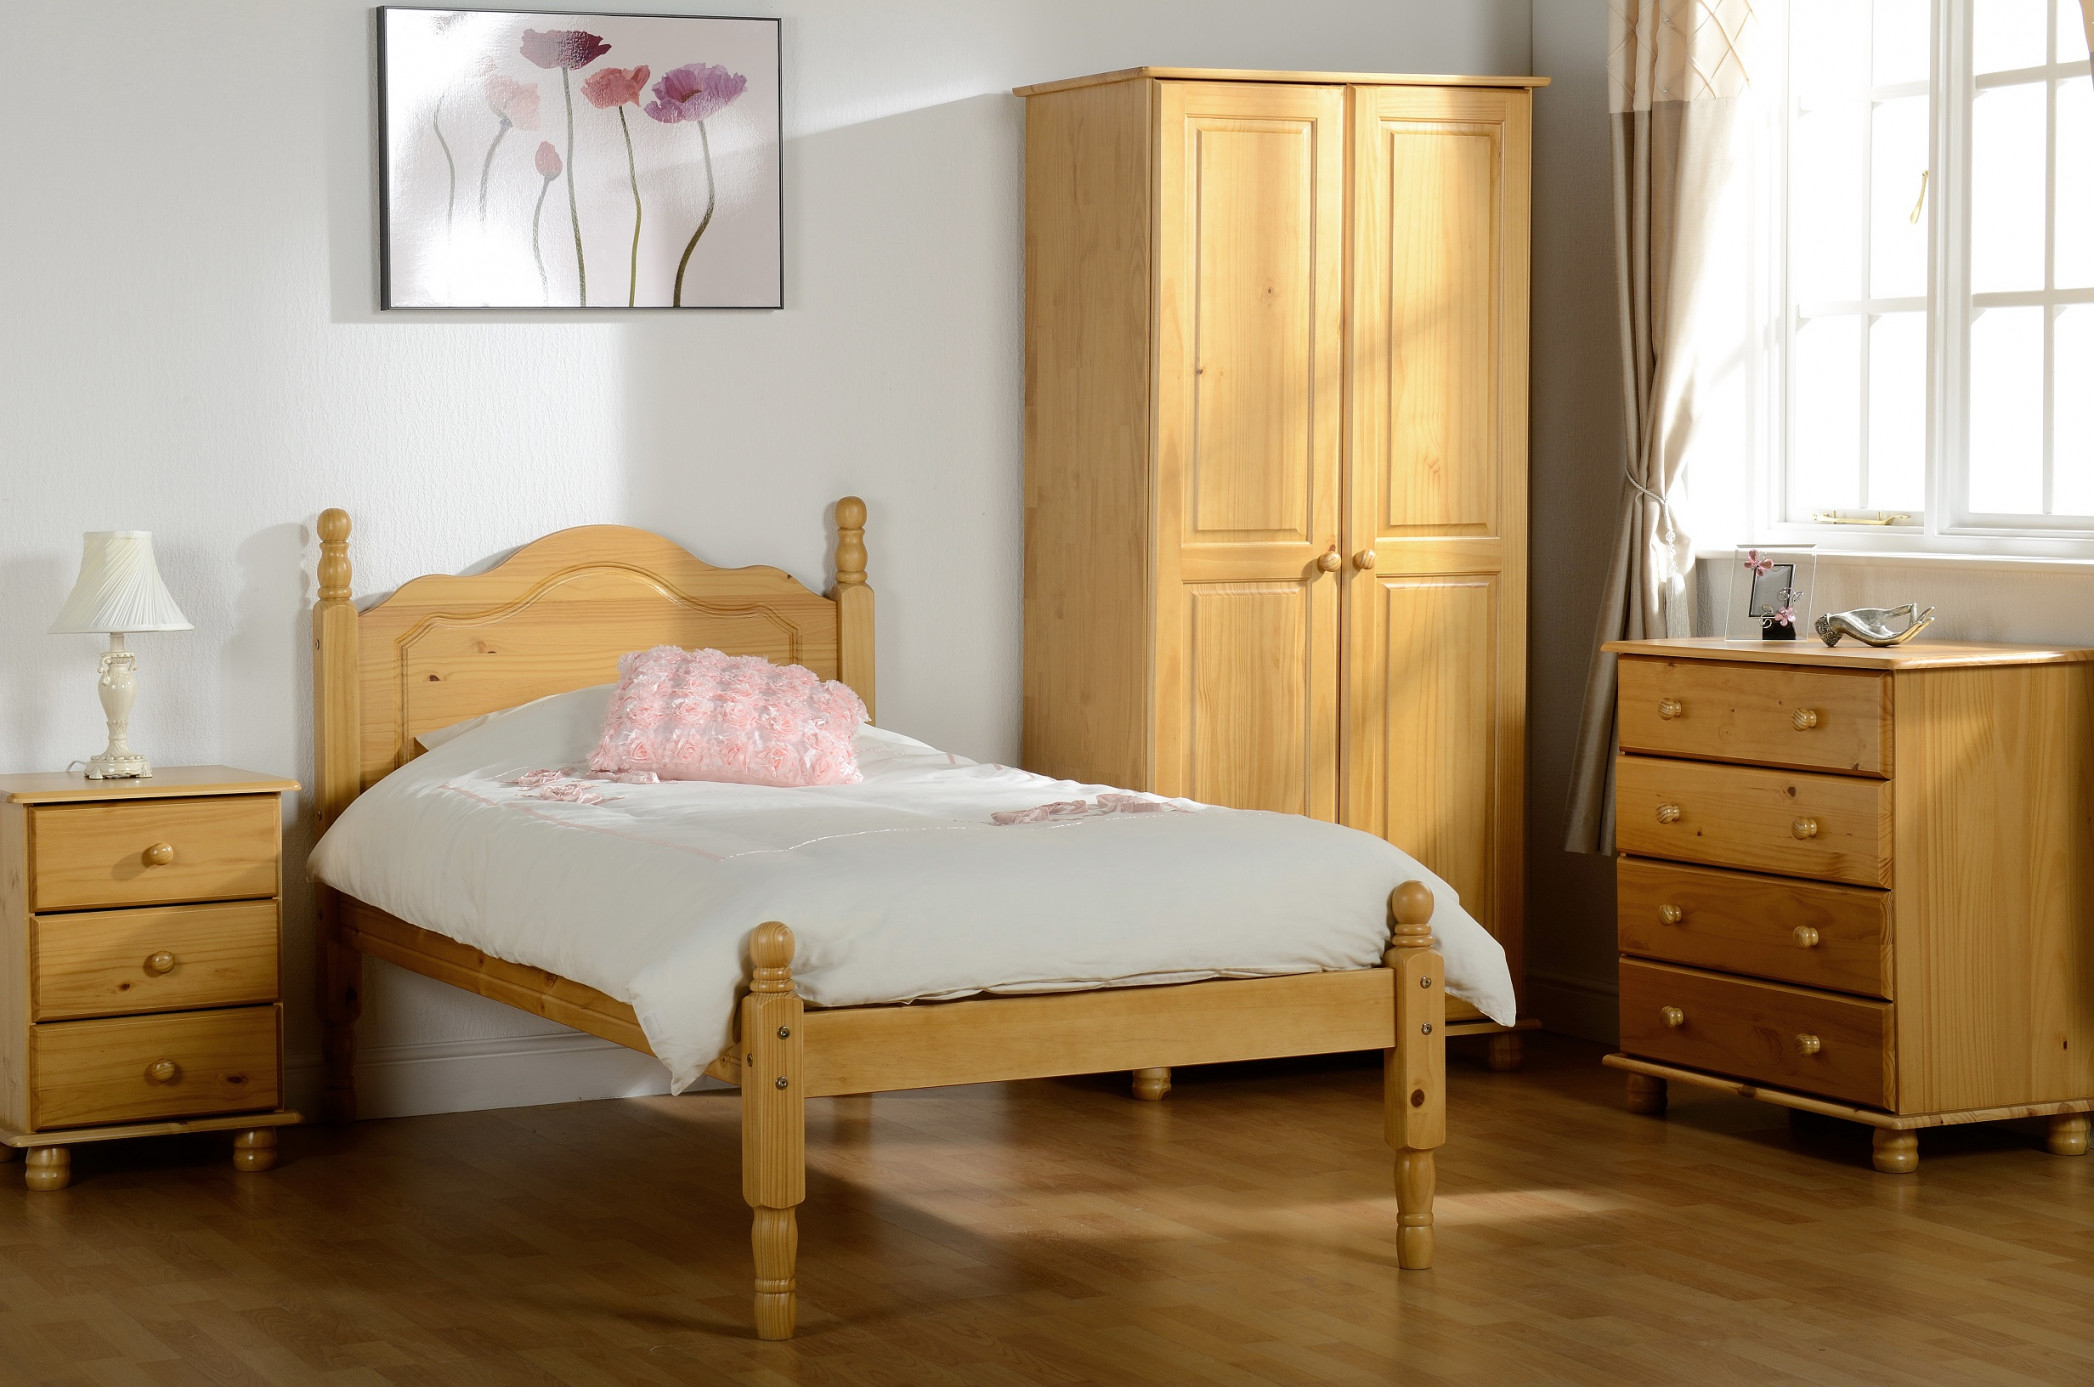 pine bedroom furniture set baby nursery: pine bedroom furniture pine bedroom furniture sets MGBESPE